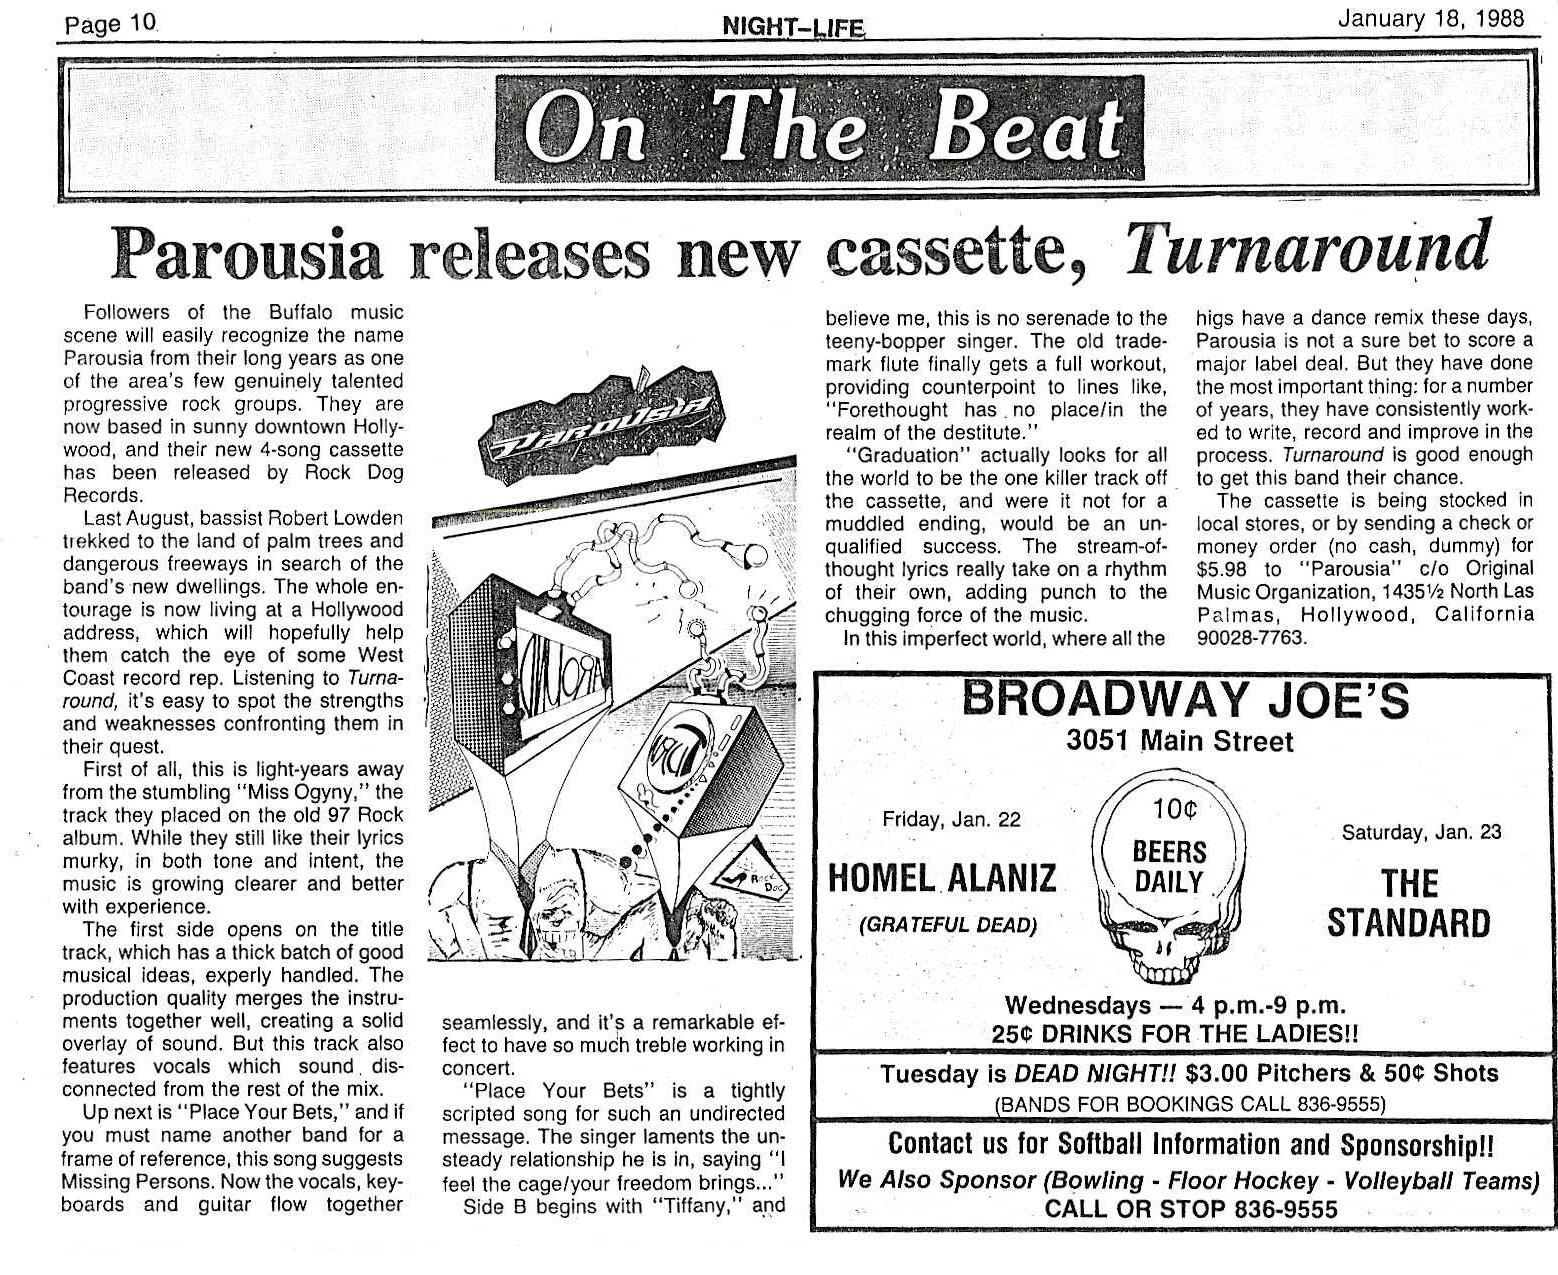 """Buffalo Nightlife reviews Parousia's """"Turnaround"""" EP Jan. 1988"""